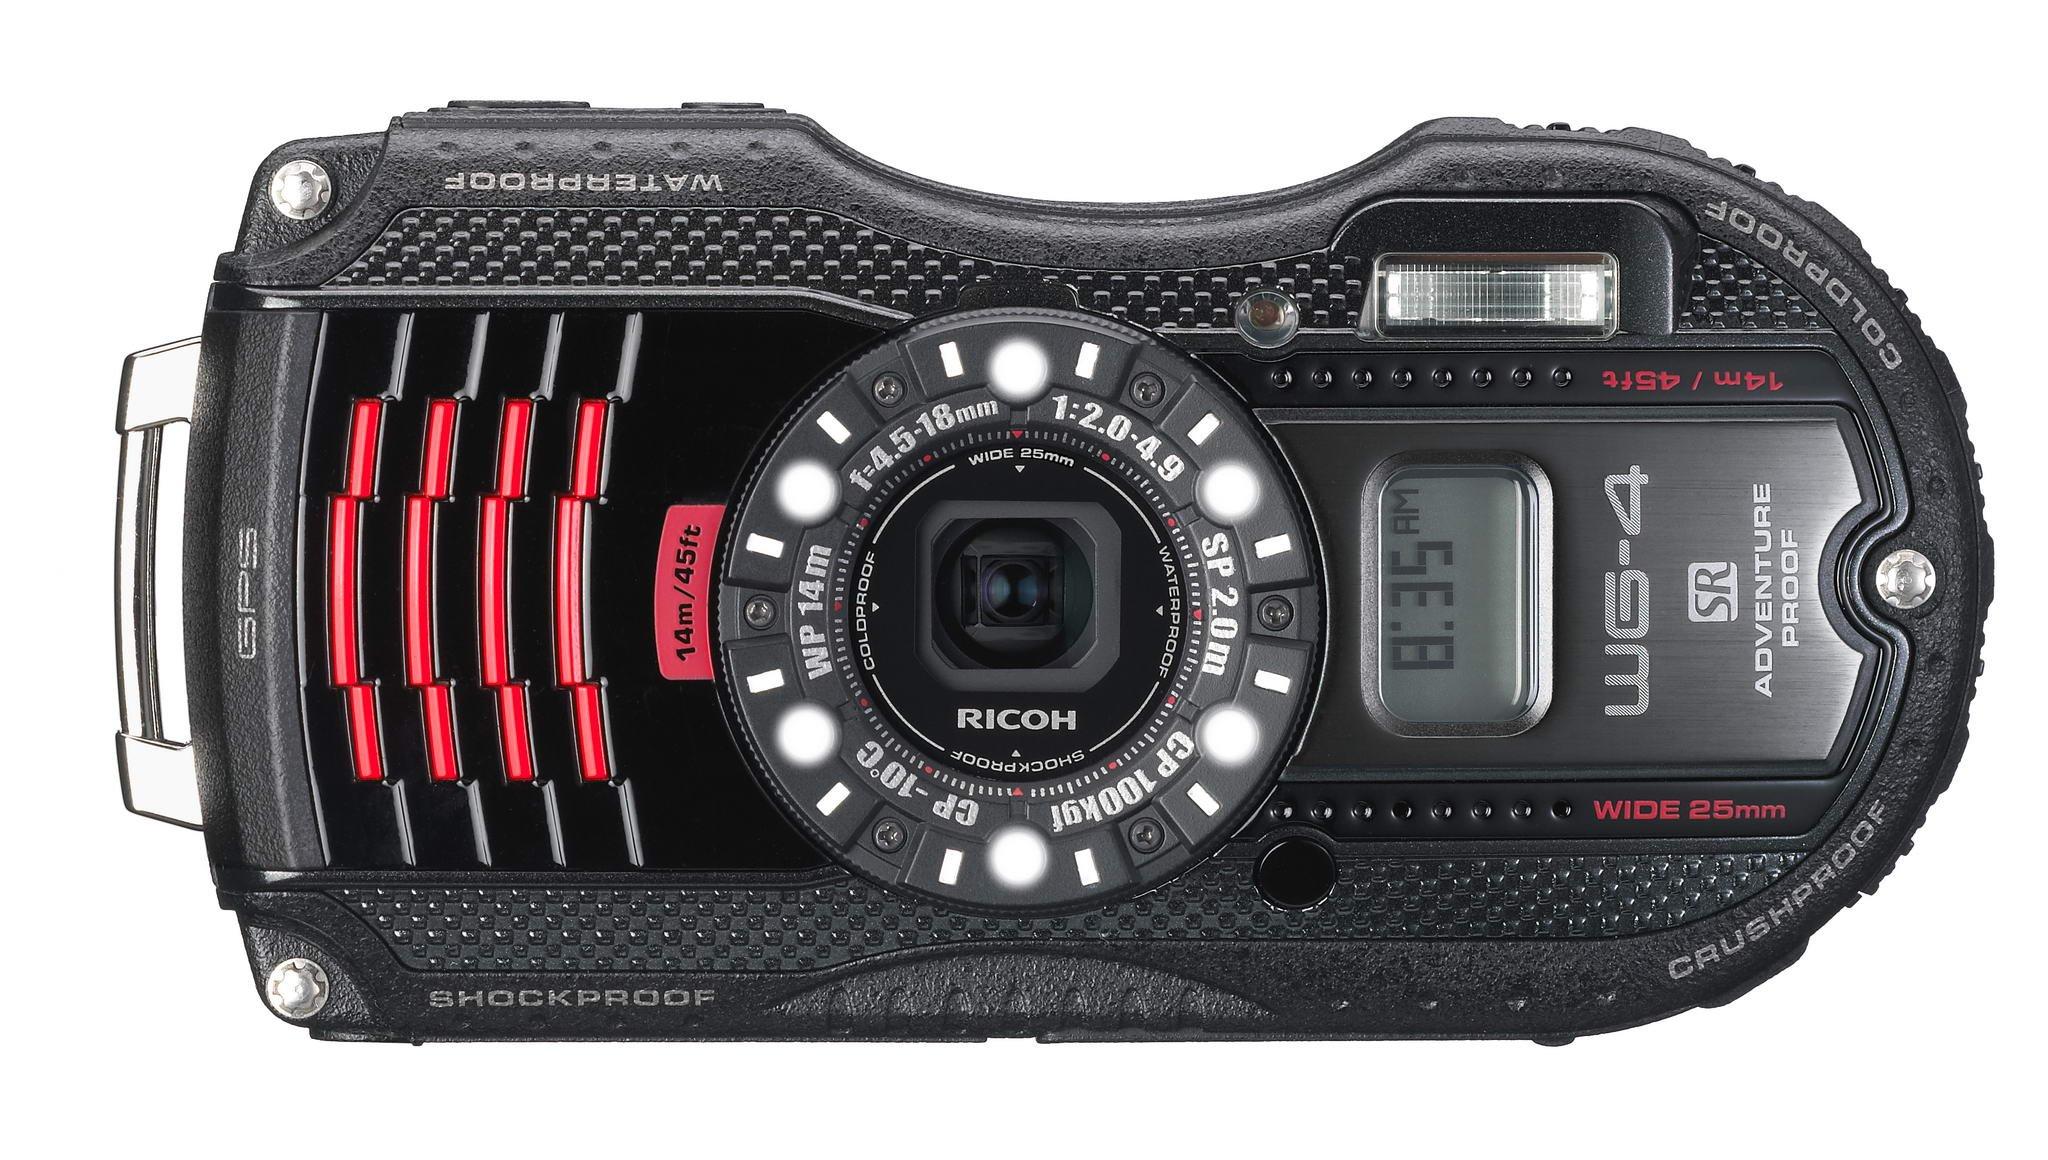 WG-4 GPS - Digital camera - black (International Model)